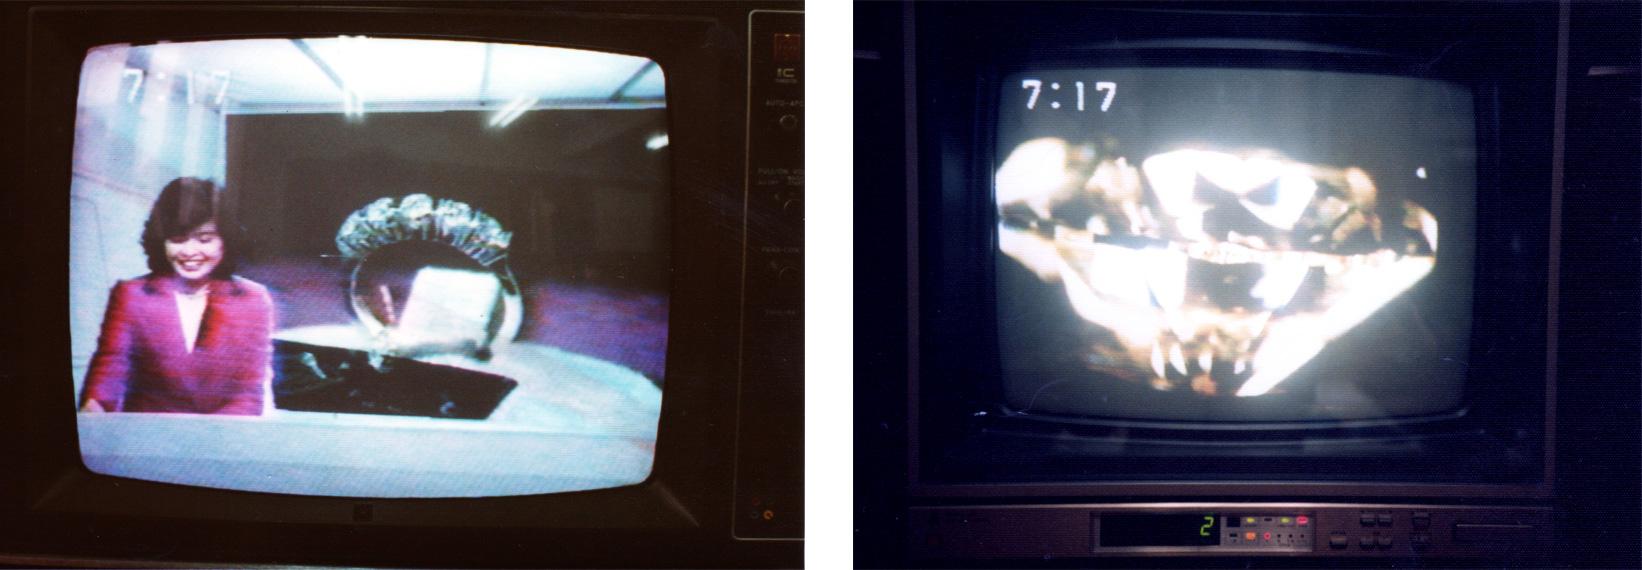 1975年ラザールダイヤモンドを日本で初めて輸入されNHKのニュースで放送されたときの写真